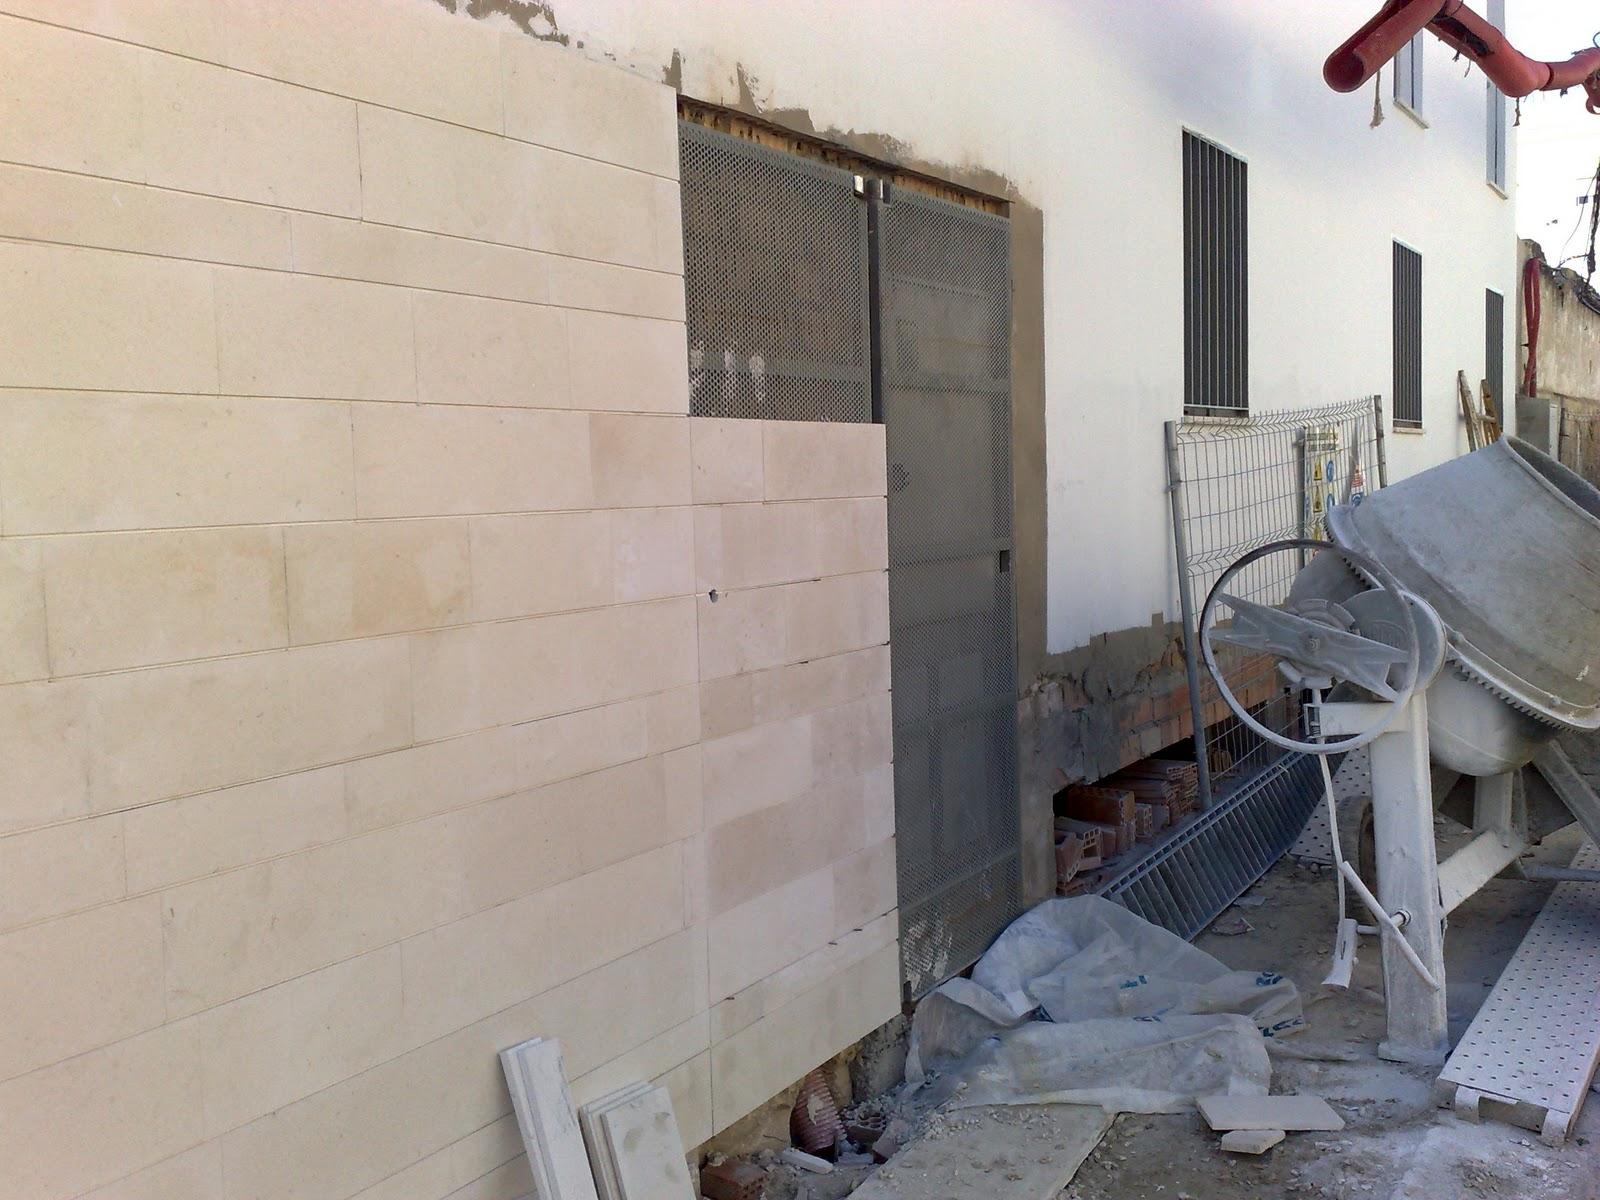 Manuel de celis revestimientos - Piedra caliza para fachadas ...